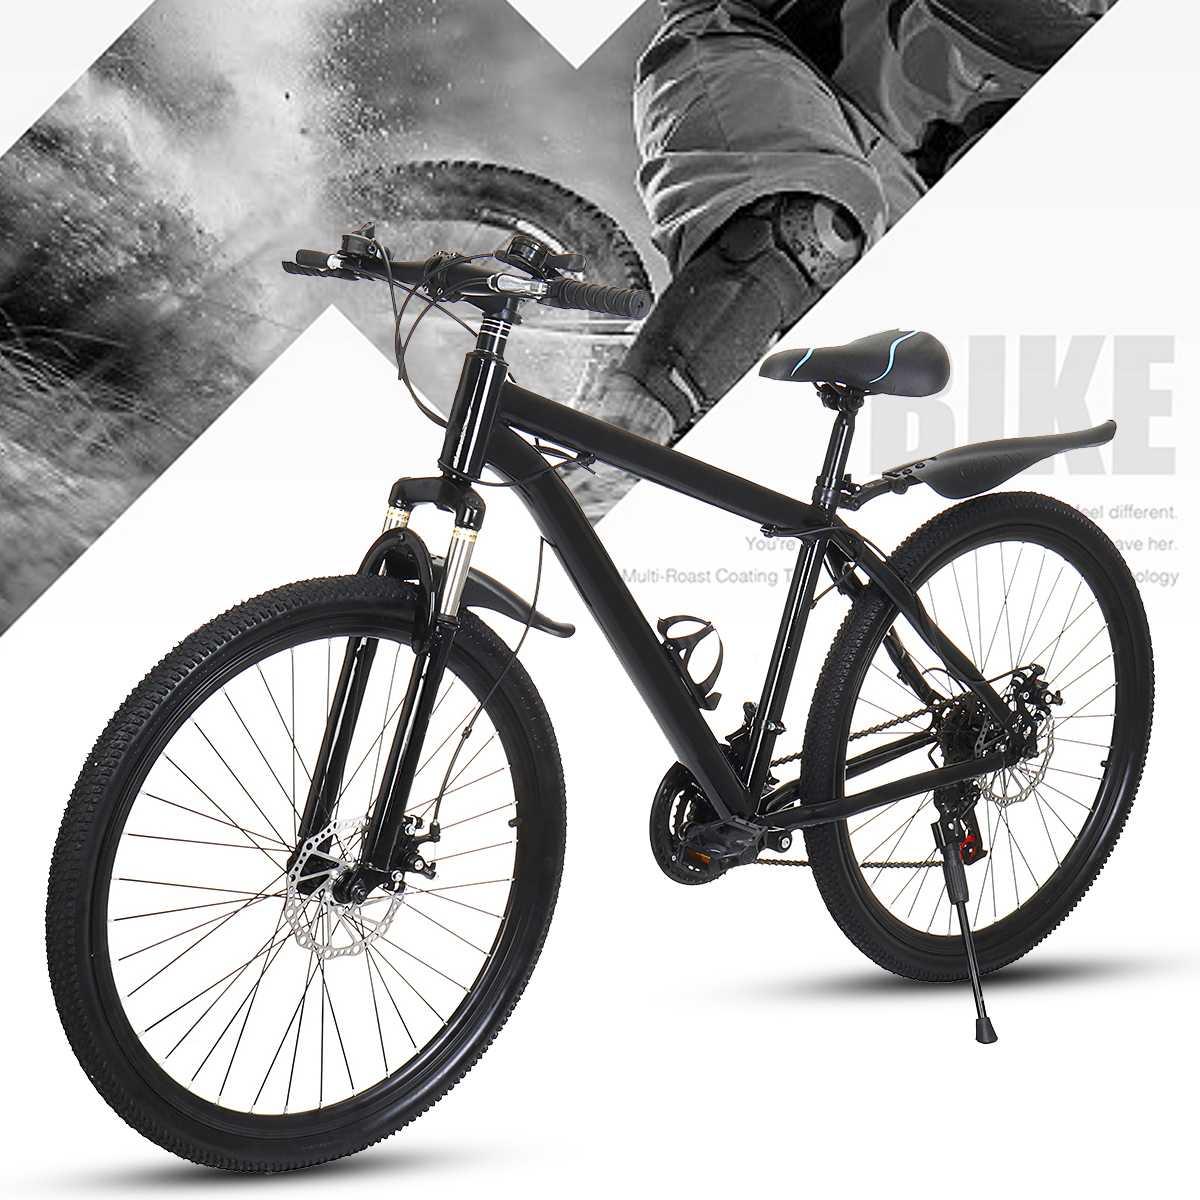 21 velocidade ao ar livre mountain bike bicicleta dianteiro & traseiro freio mtb equitação caminhadas mtb freios a disco duplo bicicleta de estrada adulto ciclismo 26 polegada